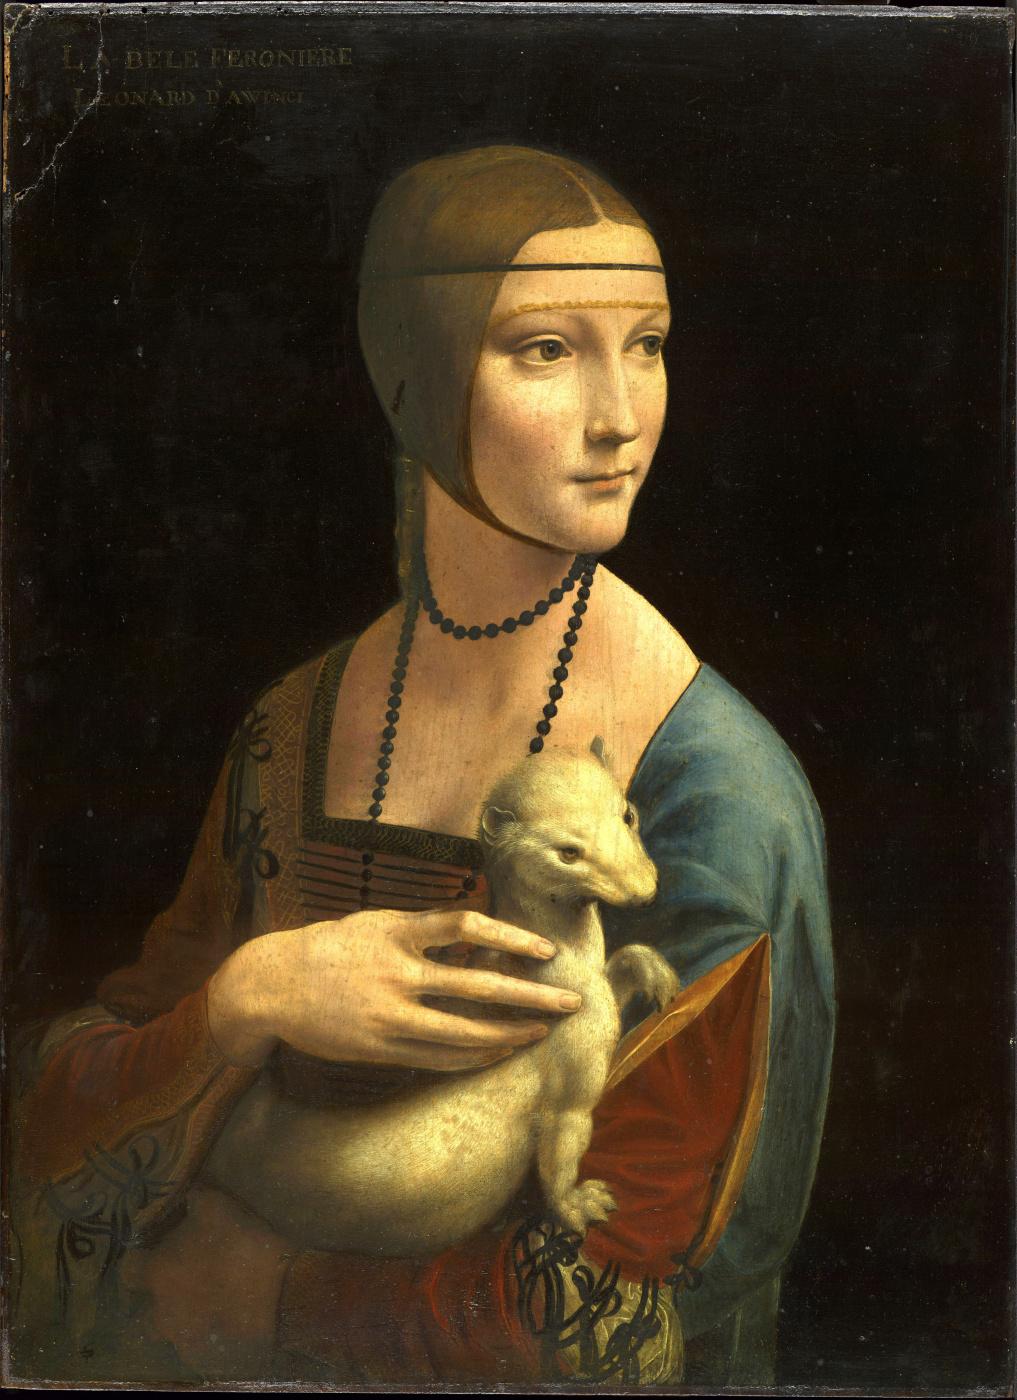 Leonardo da Vinci. Lady with an ermine. Cecilia Gallerani